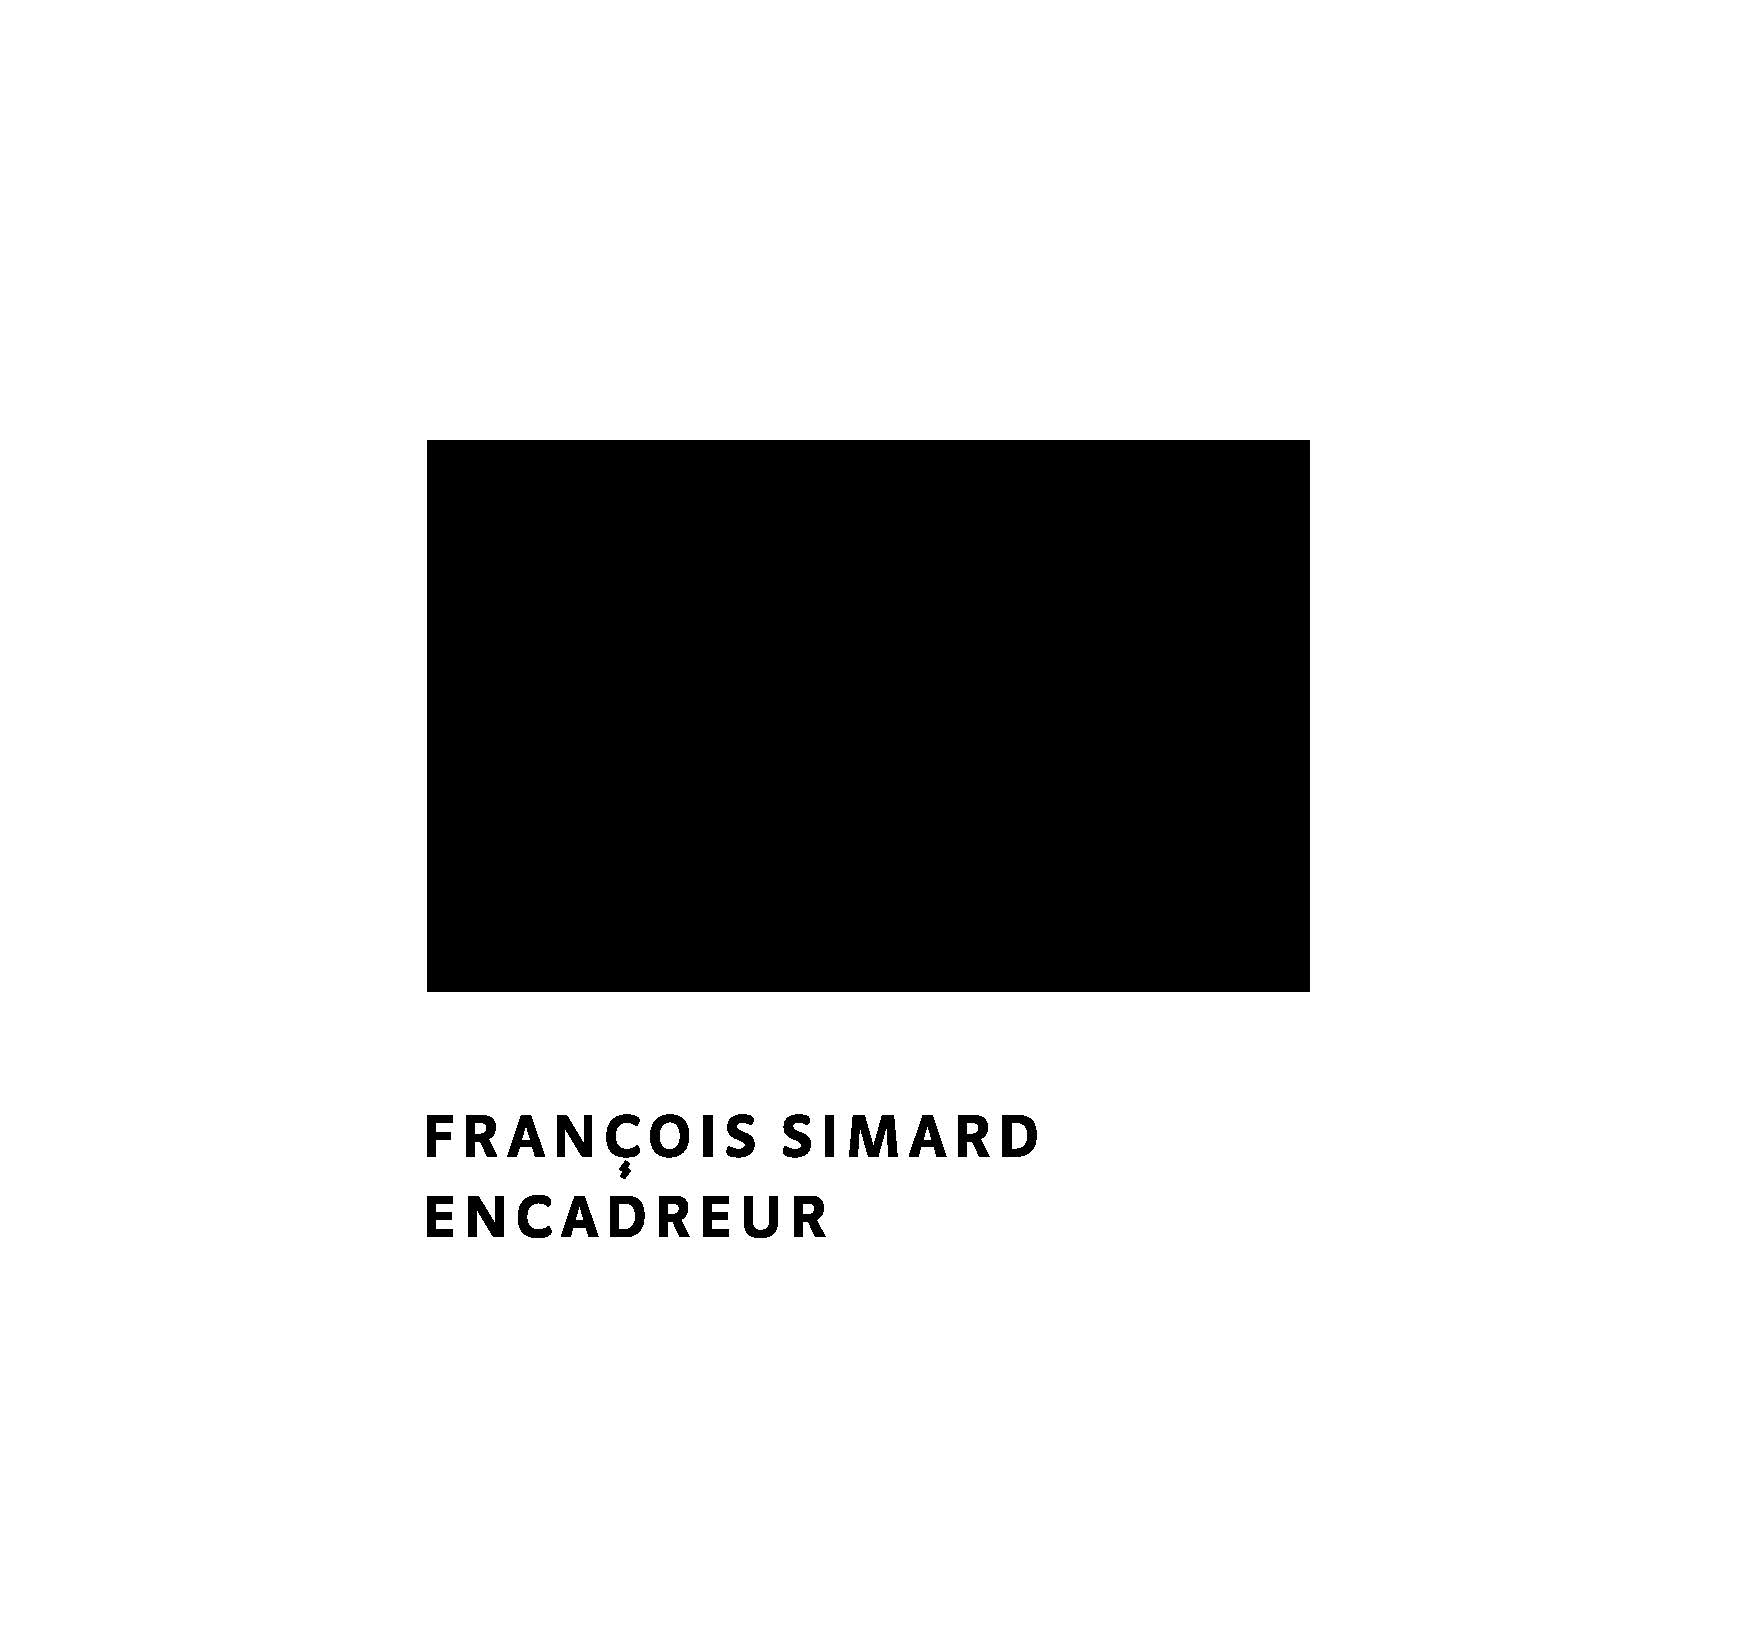 François Simard Encadreur